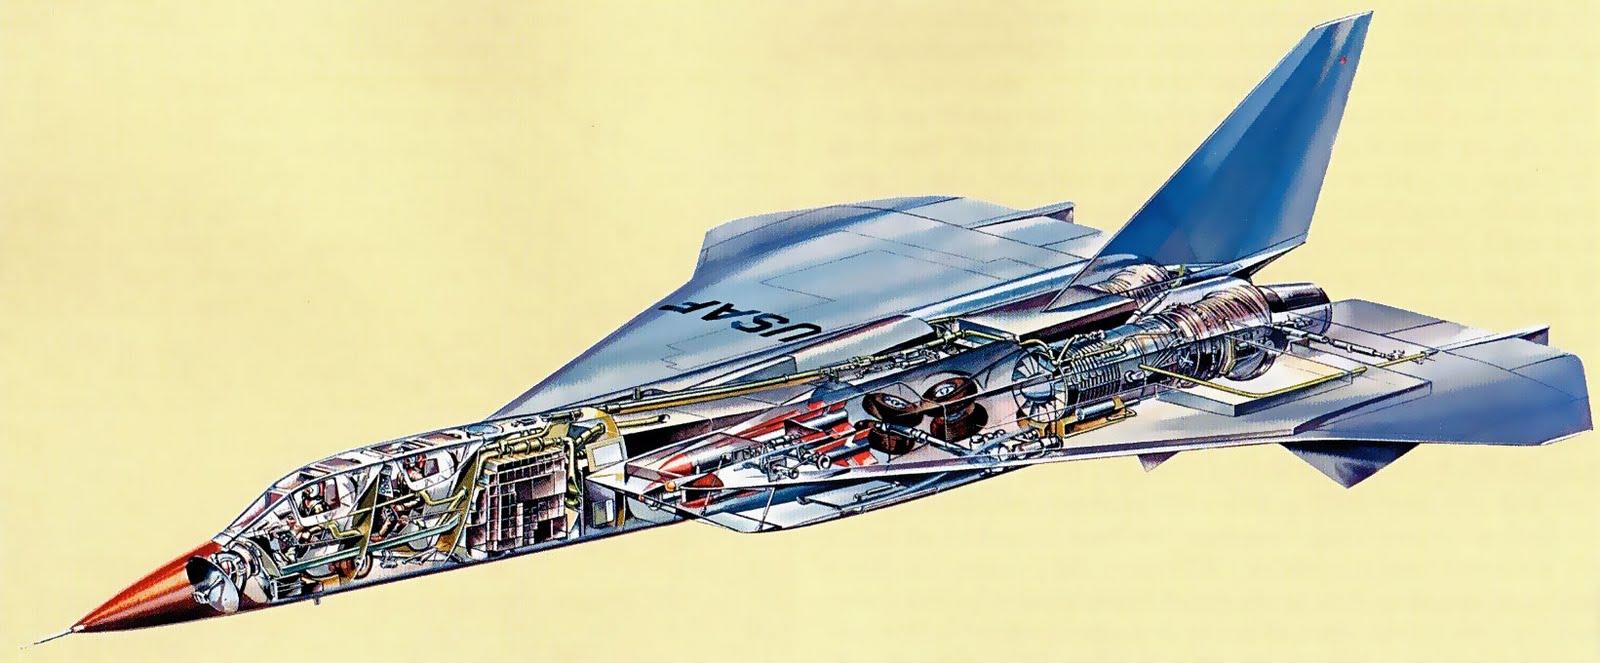 North American XF-108 Rapier 3980103013_66f466318a_o